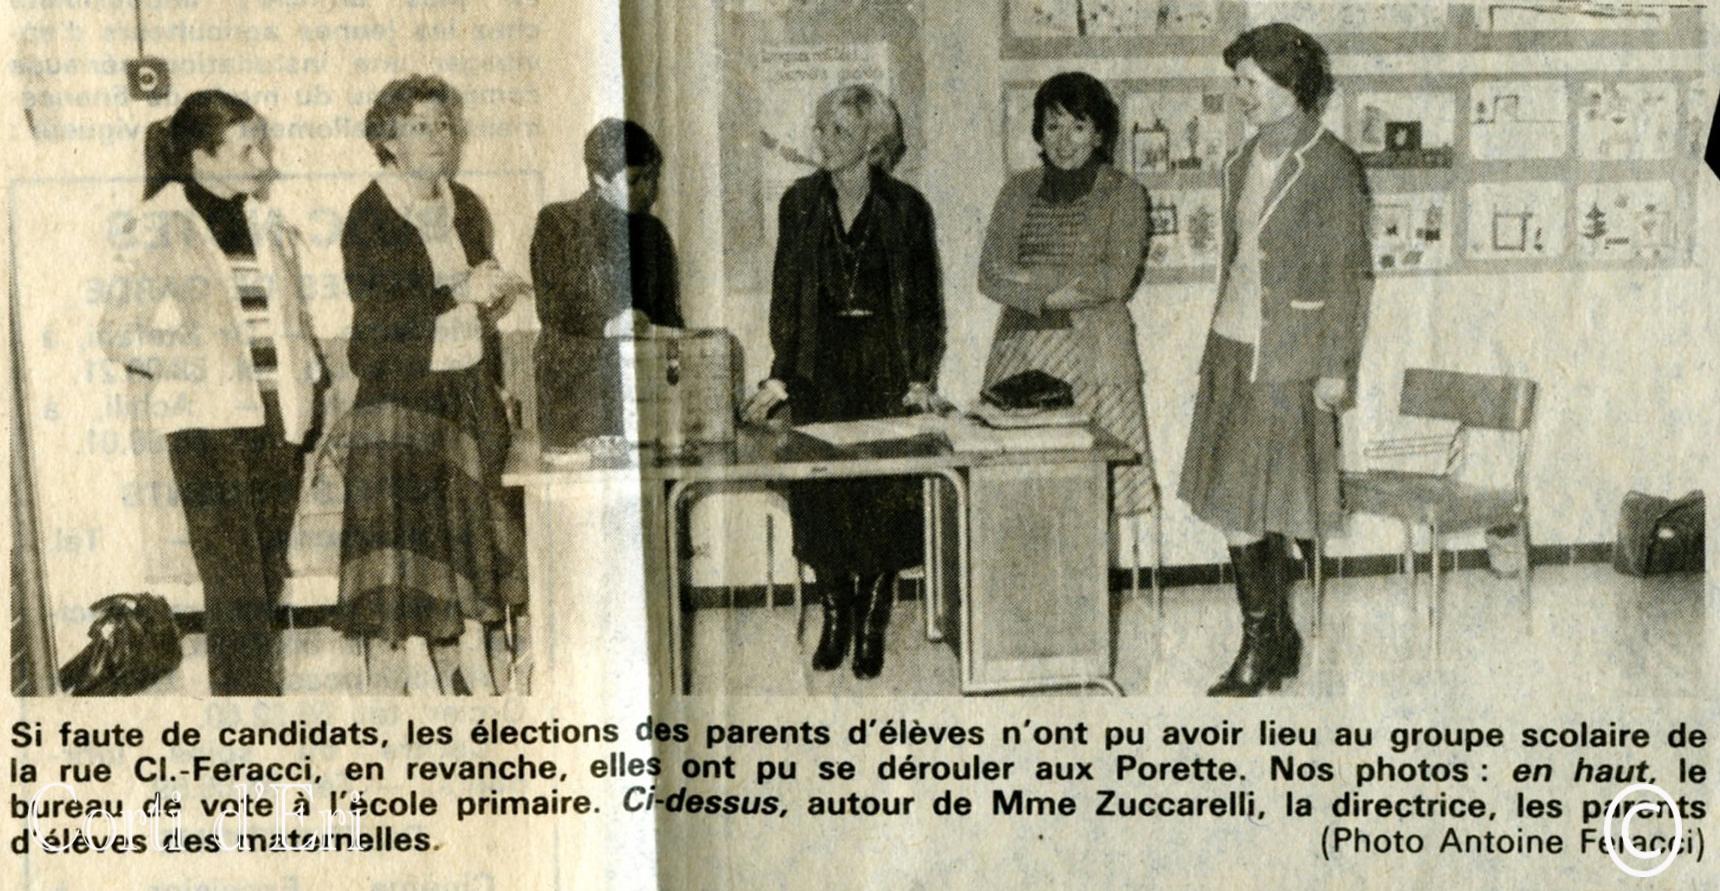 Le Livre De Notre Vie  U00e0 L U2019 U00e9cole Porette De 1975  U00e0 1979